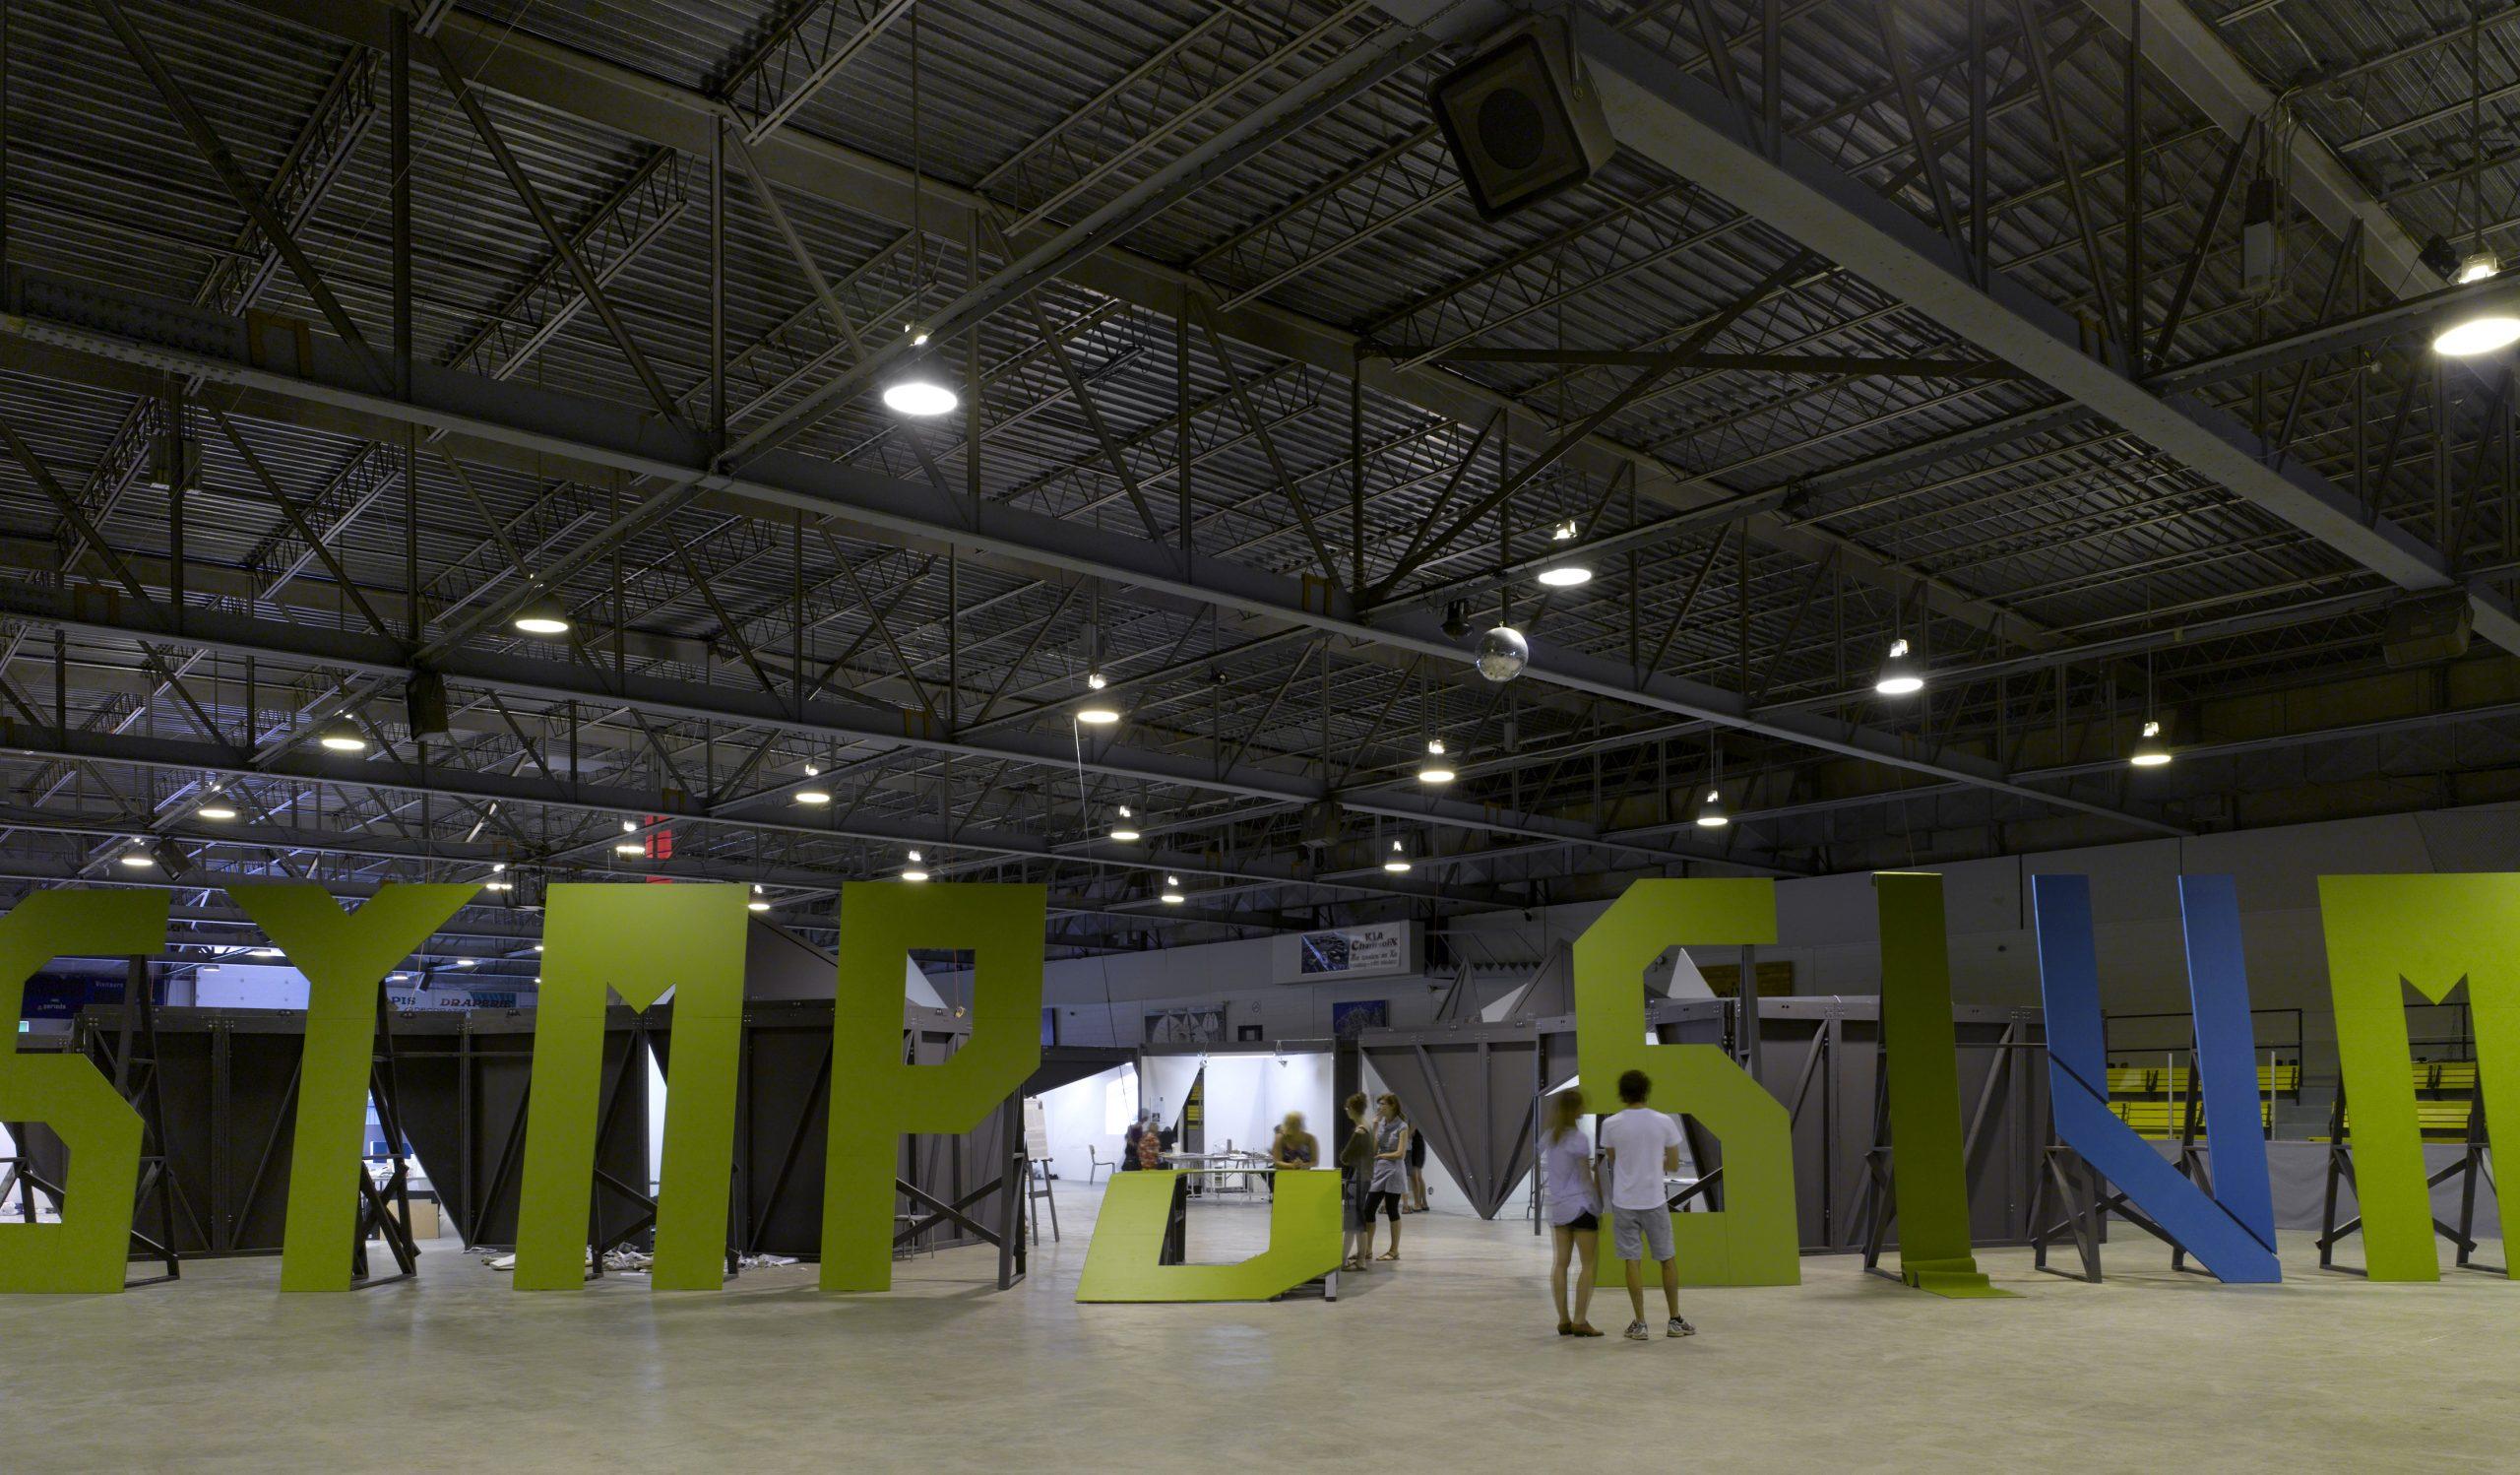 Symposium international d'art contemporain de Baie-Saint-Paul Cecobois 6